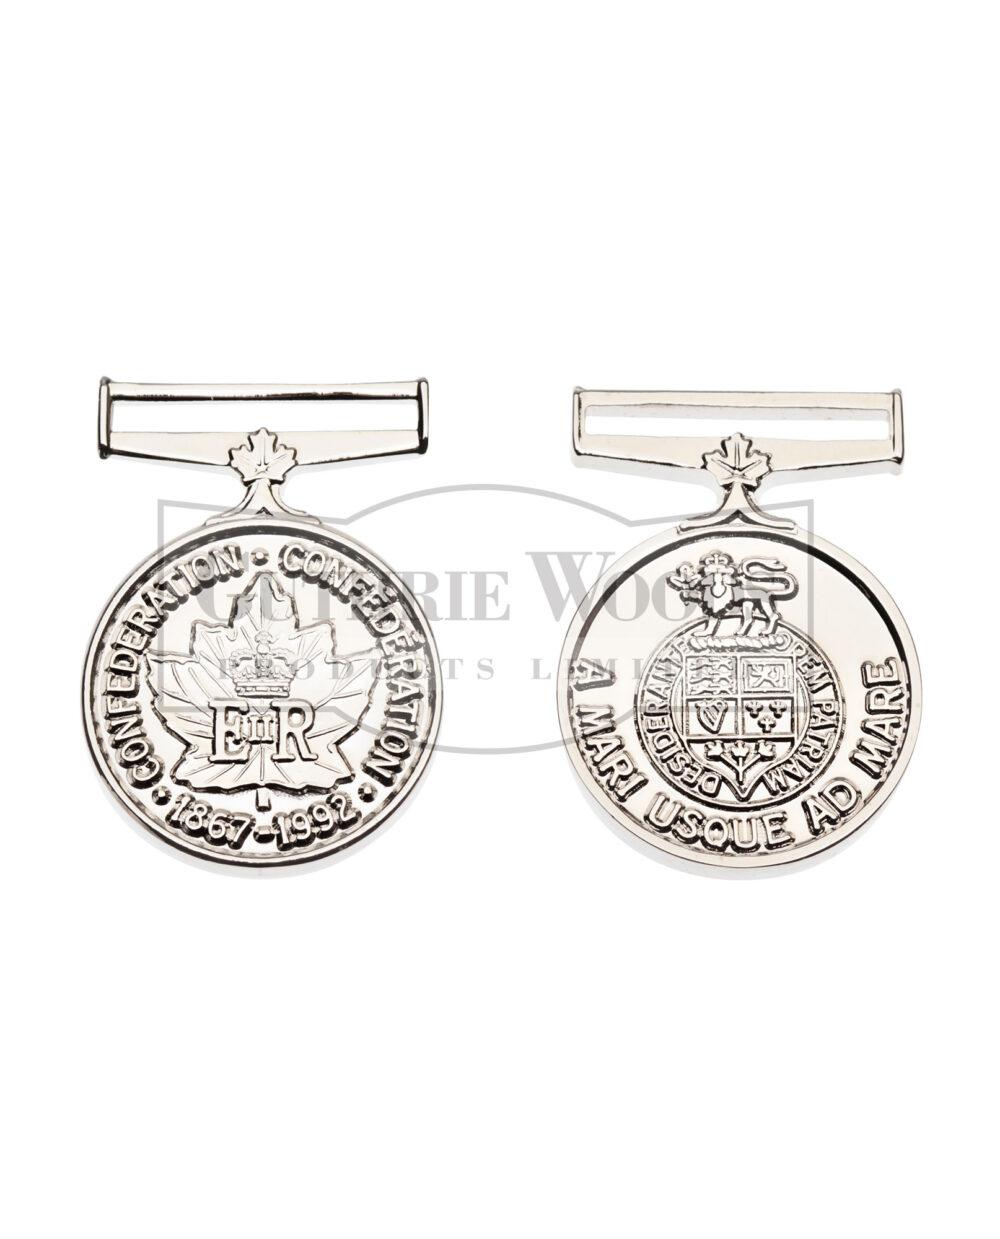 Canada 125th - Medal